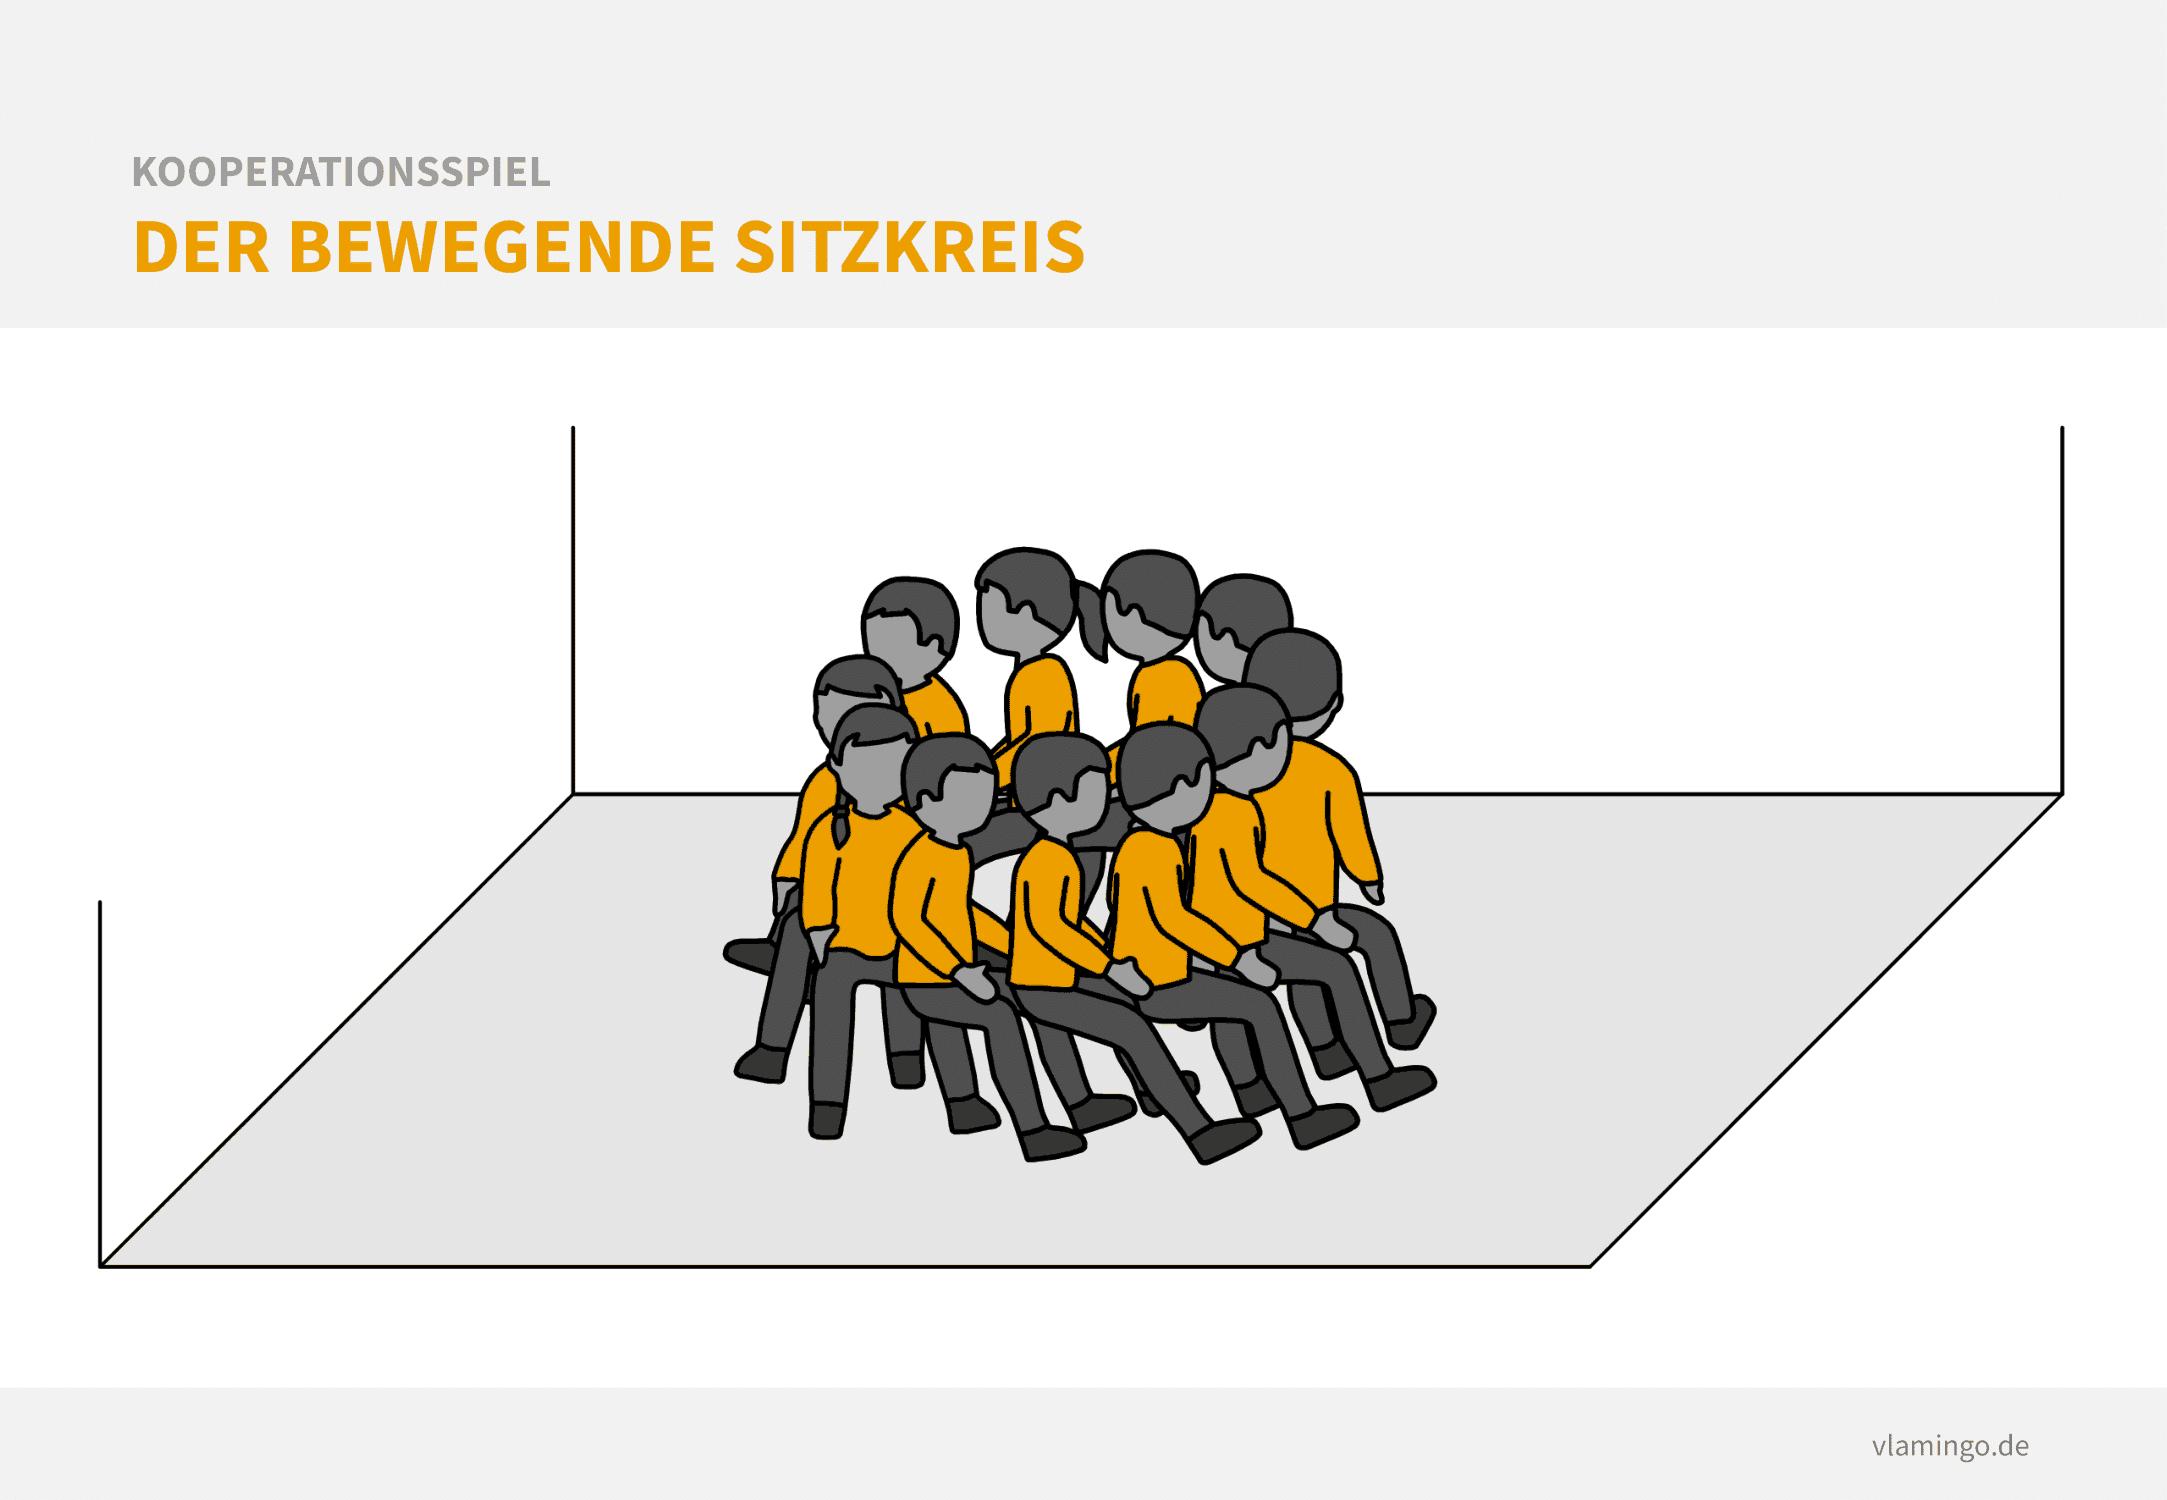 Kooperationsspiel: Der bewegende Sitzkreis